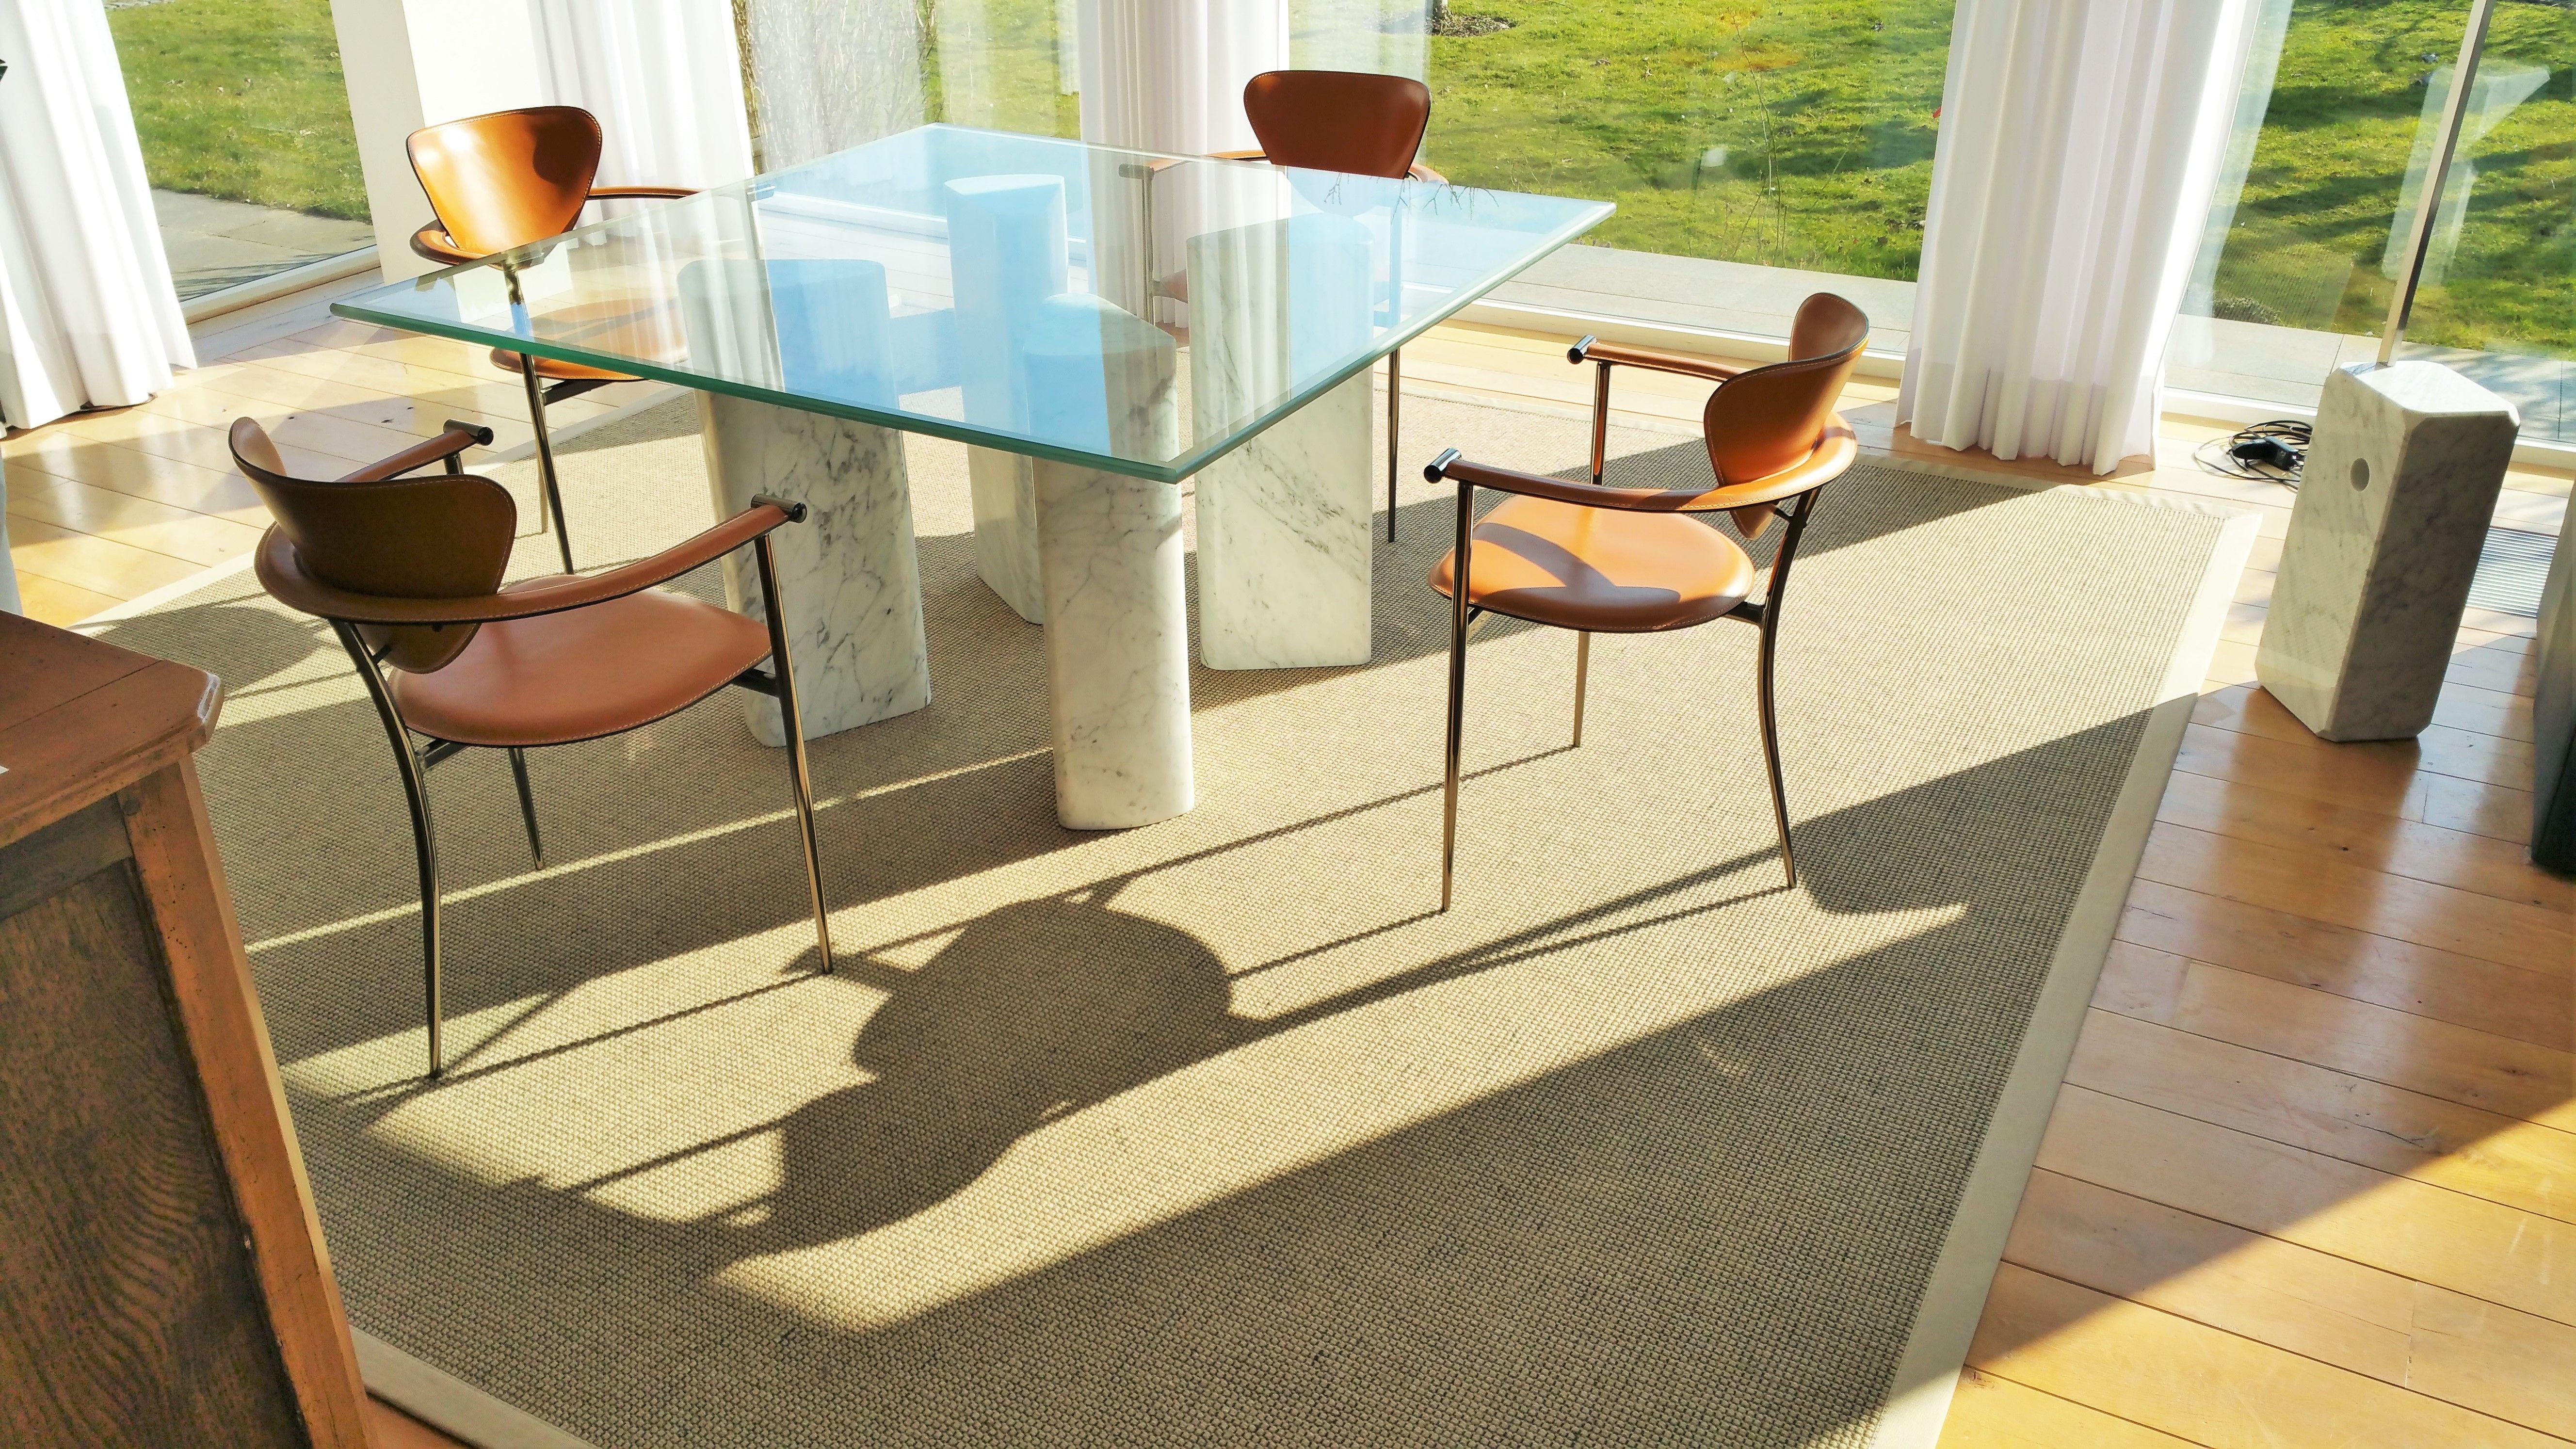 #tapijtendemuynck interieurrealisatie, #design meubels met een vintage look